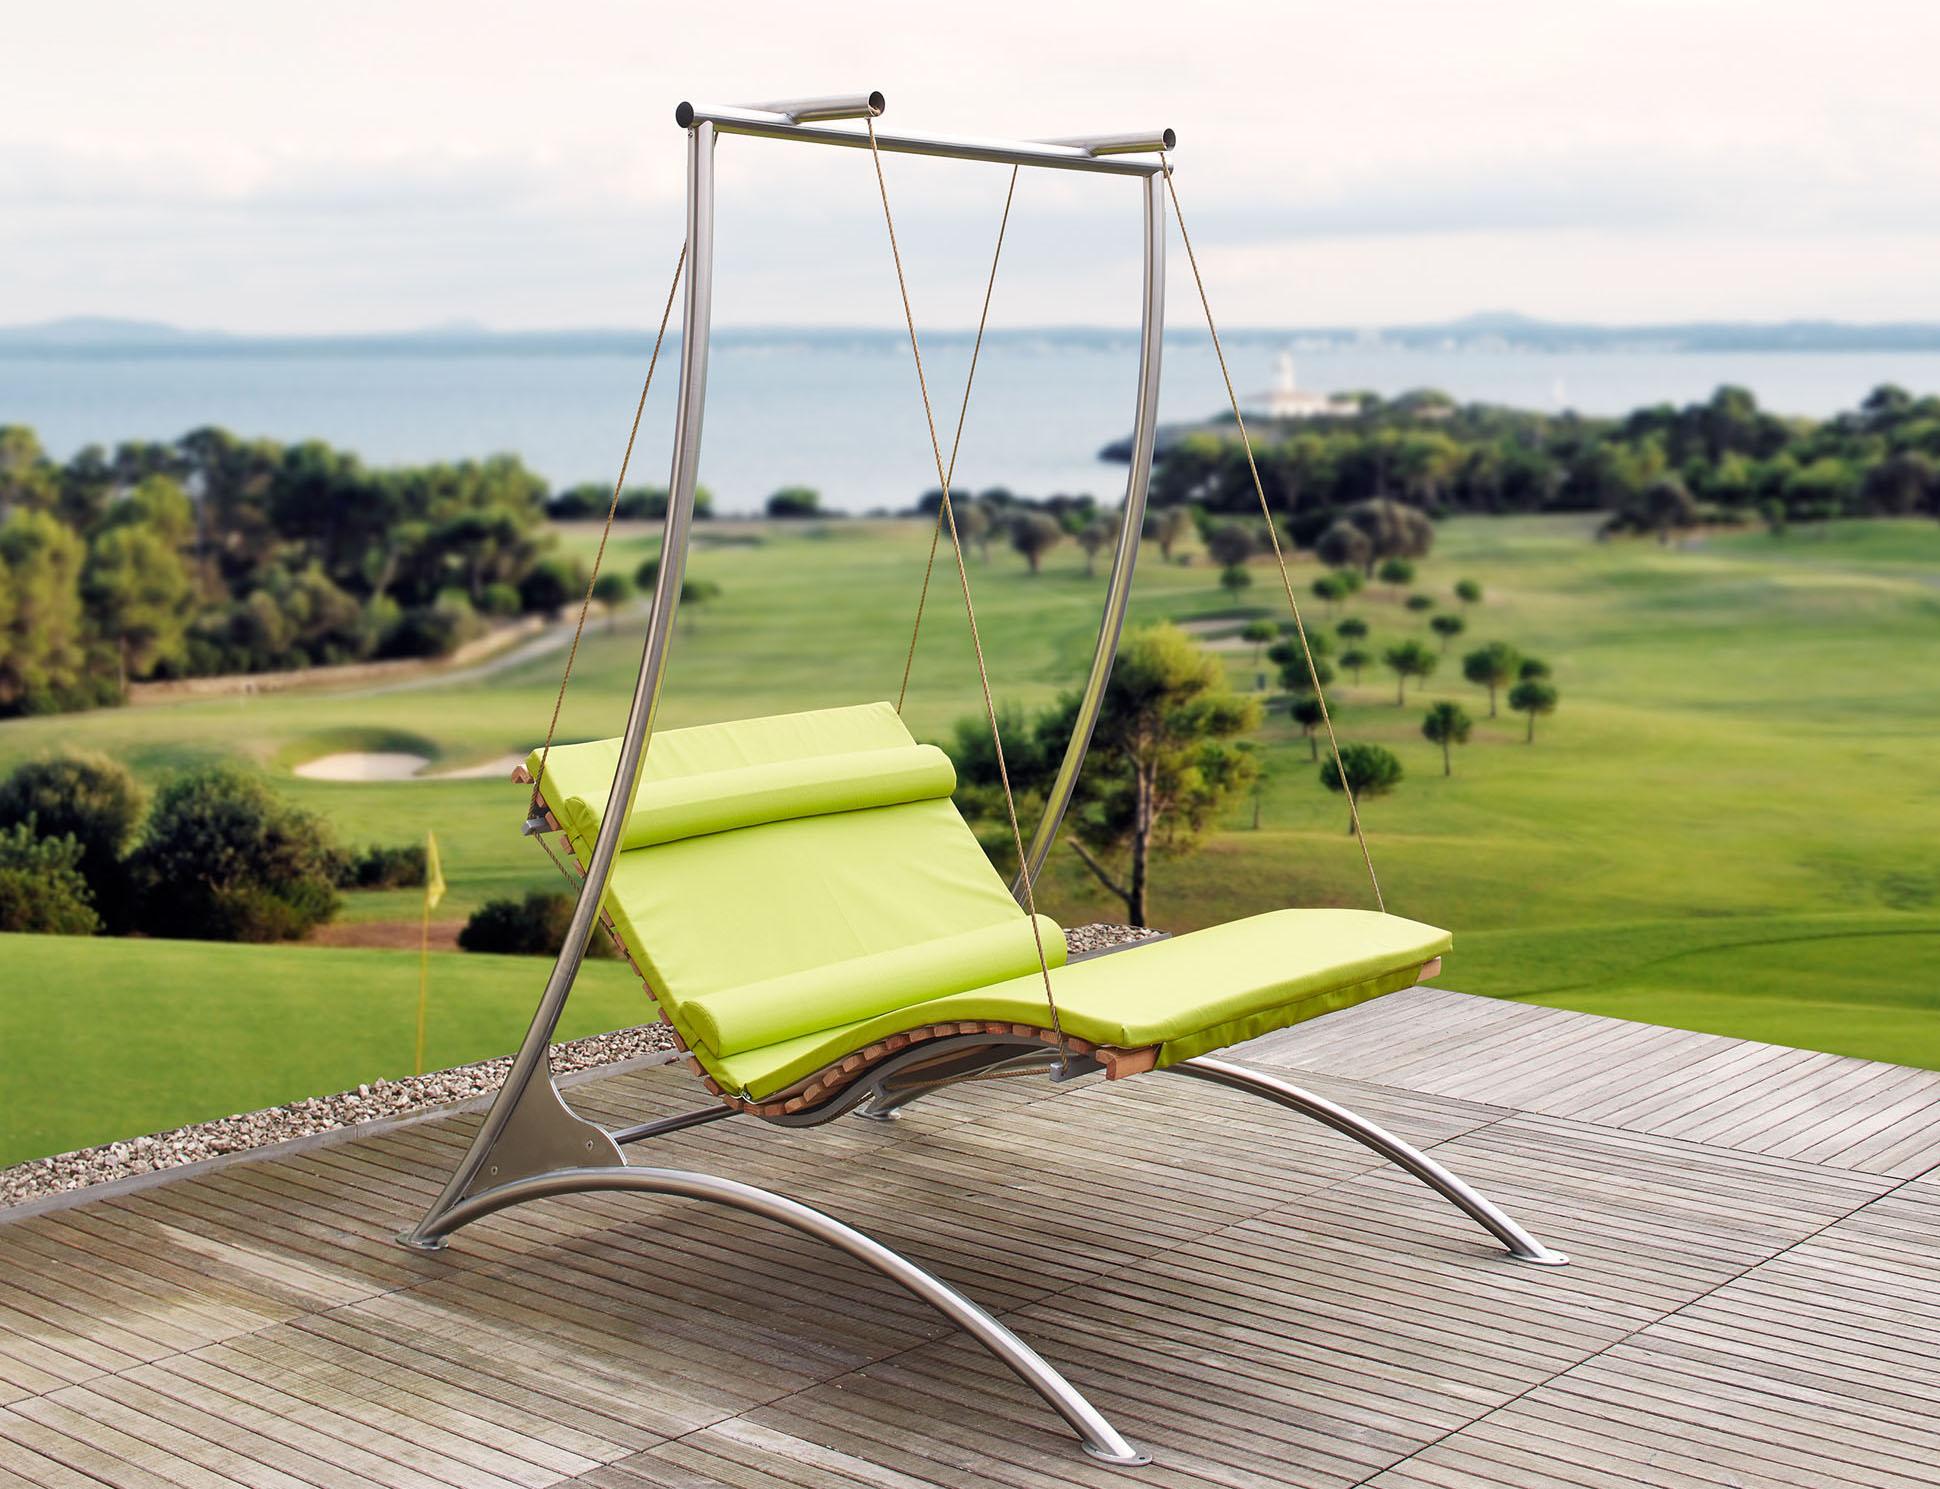 schwebeliege siesta sky wellnessliege sonnenliege relaxliege entspannungsliege. Black Bedroom Furniture Sets. Home Design Ideas